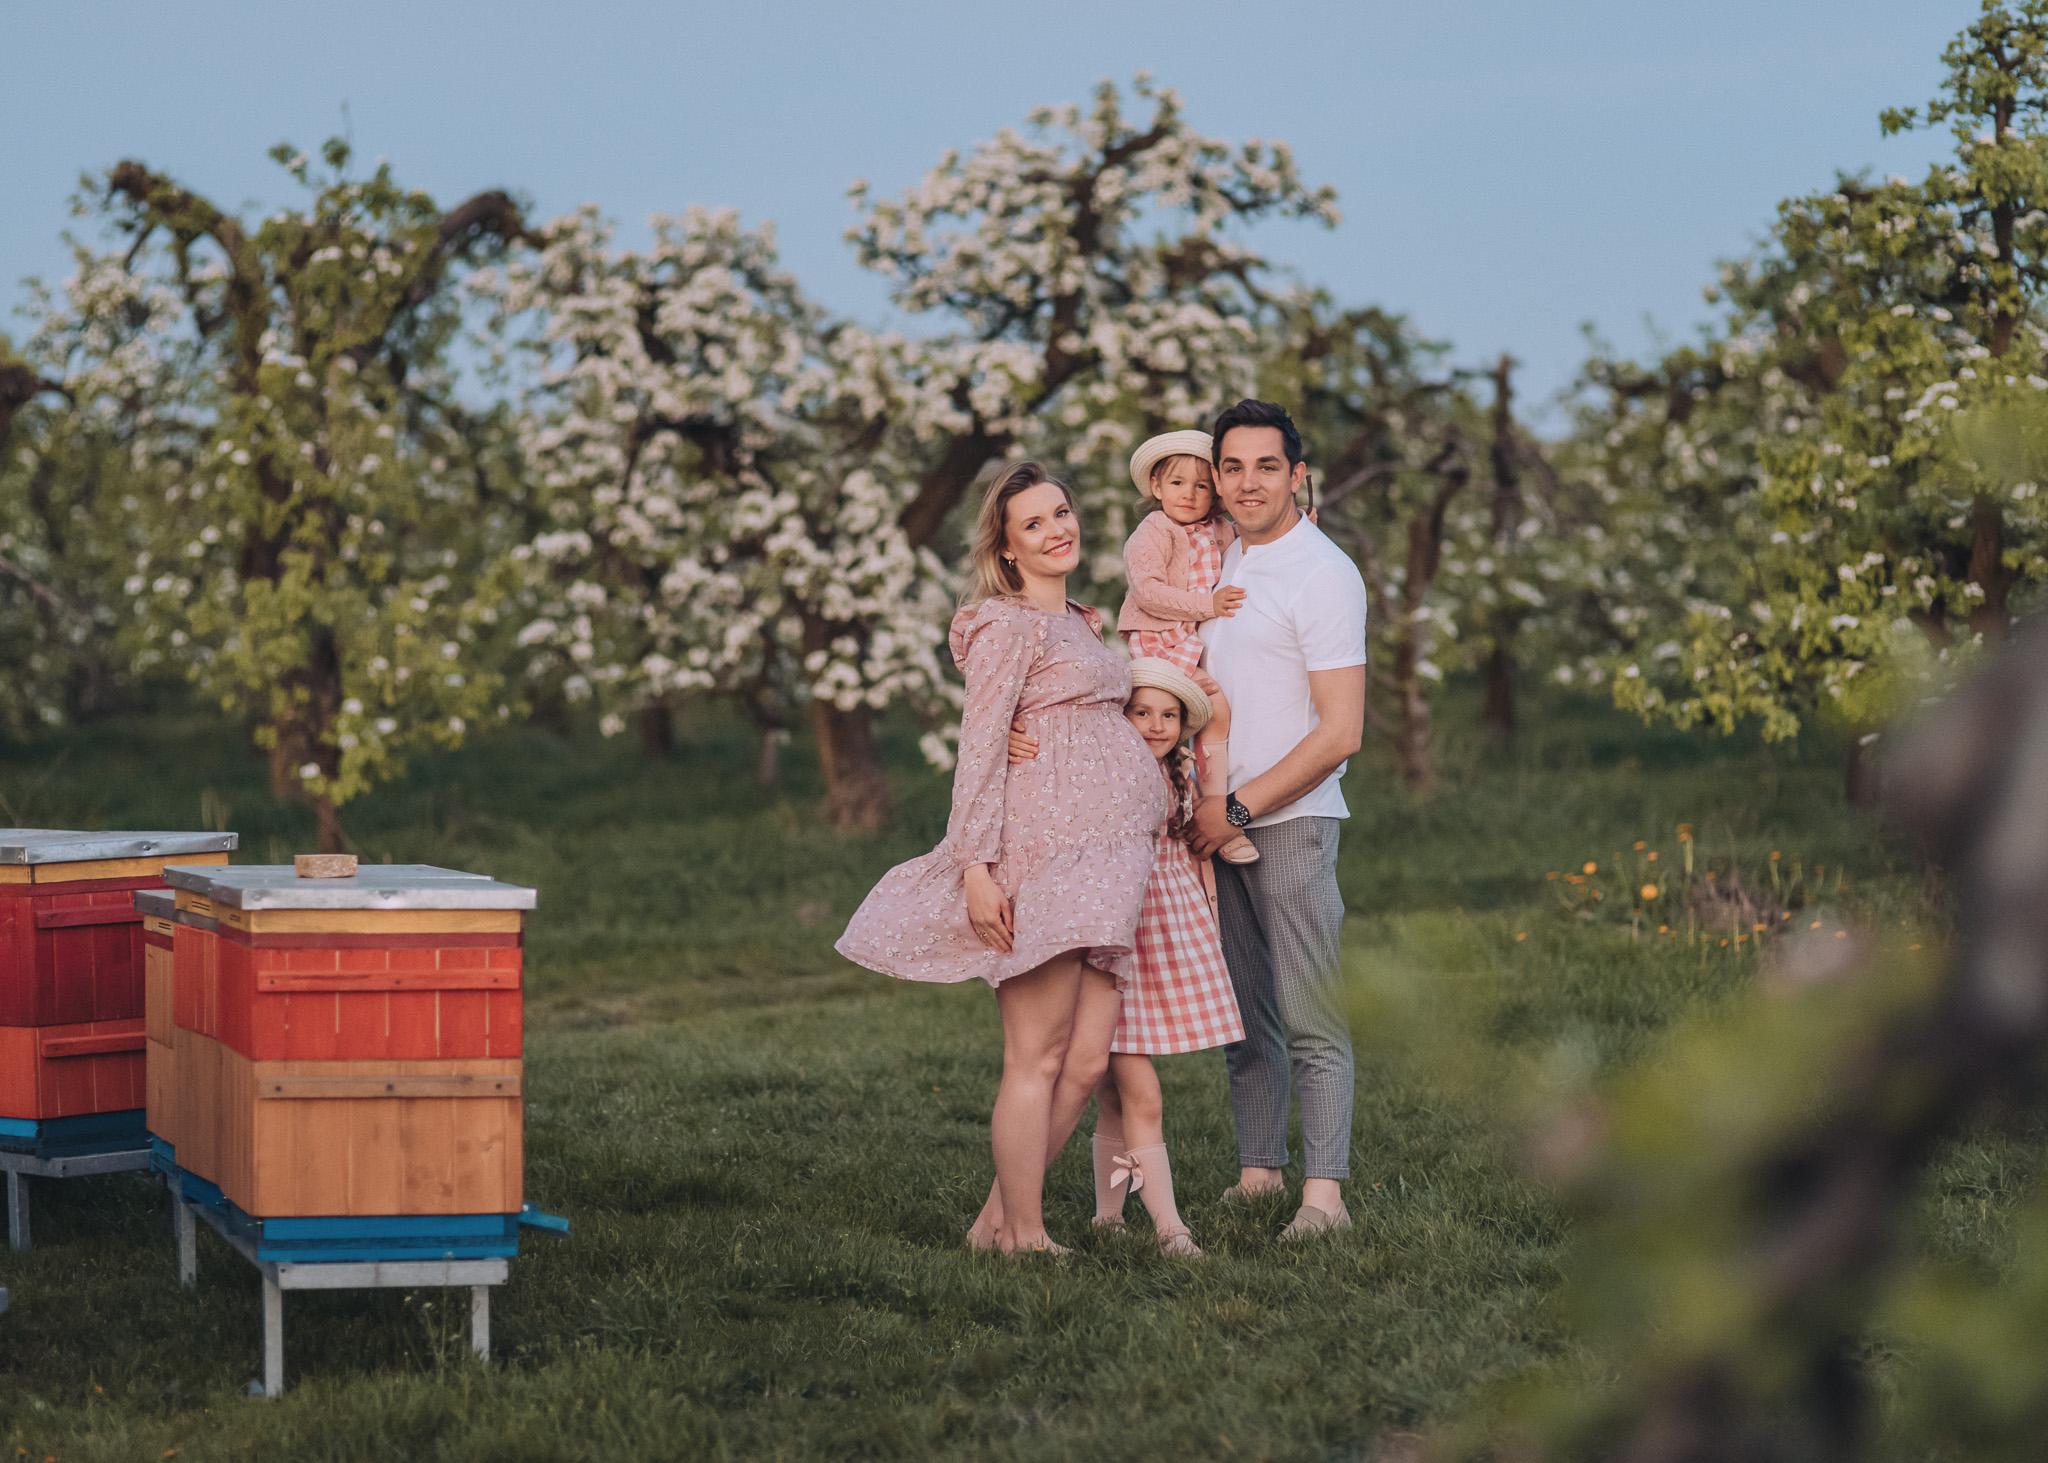 rodzinna sesja w kwitnacym sadzie plener wiosenny warszawa